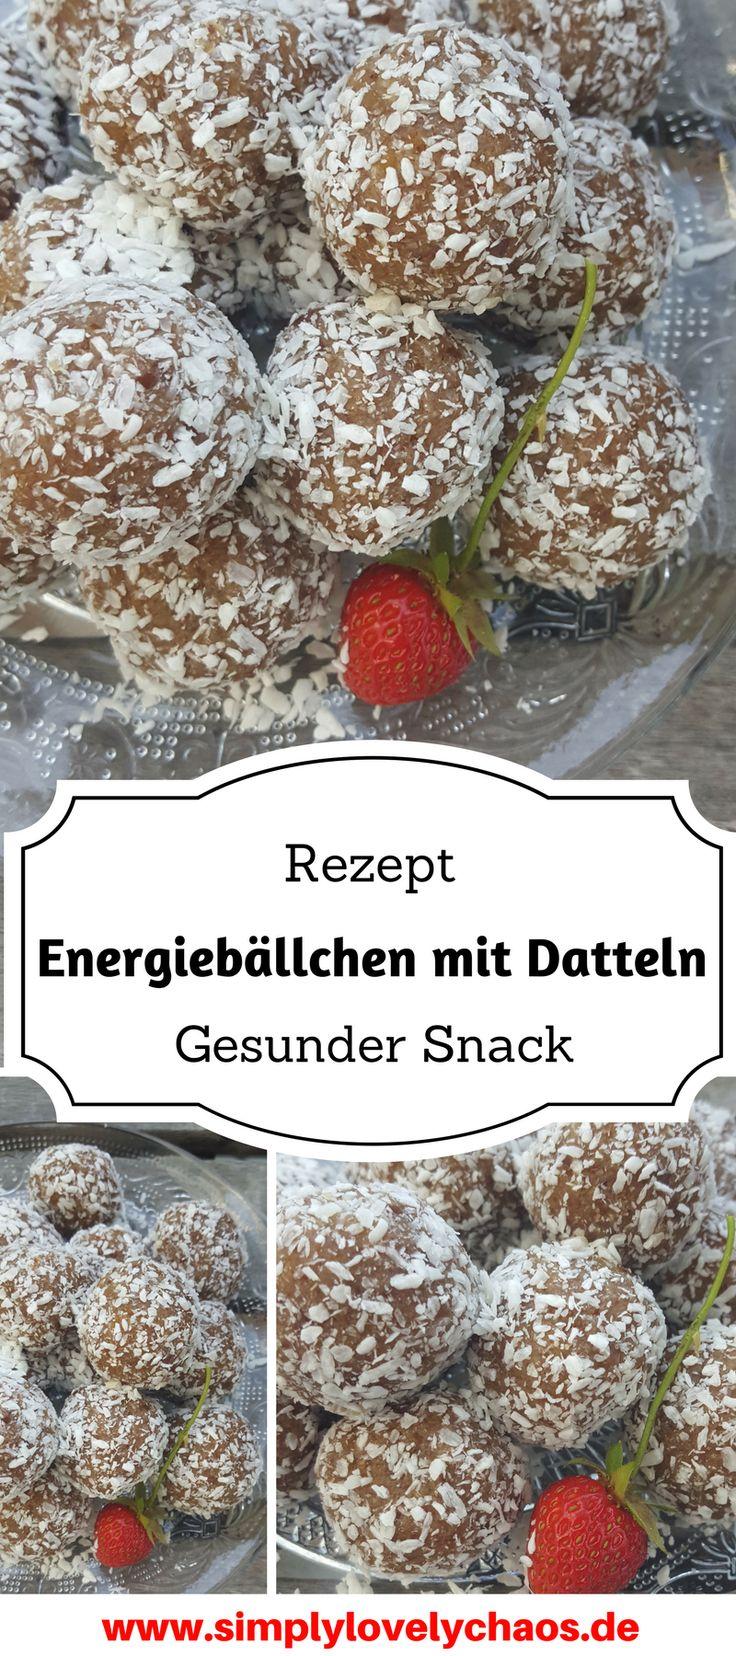 Hier findest du ein Rezept für gesunde Energiebällchen mit Datteln. Ein perfekter Snack, ob mit den Kindern auf dem Spielplatz, im Büro, oder nachts beim Stillen!